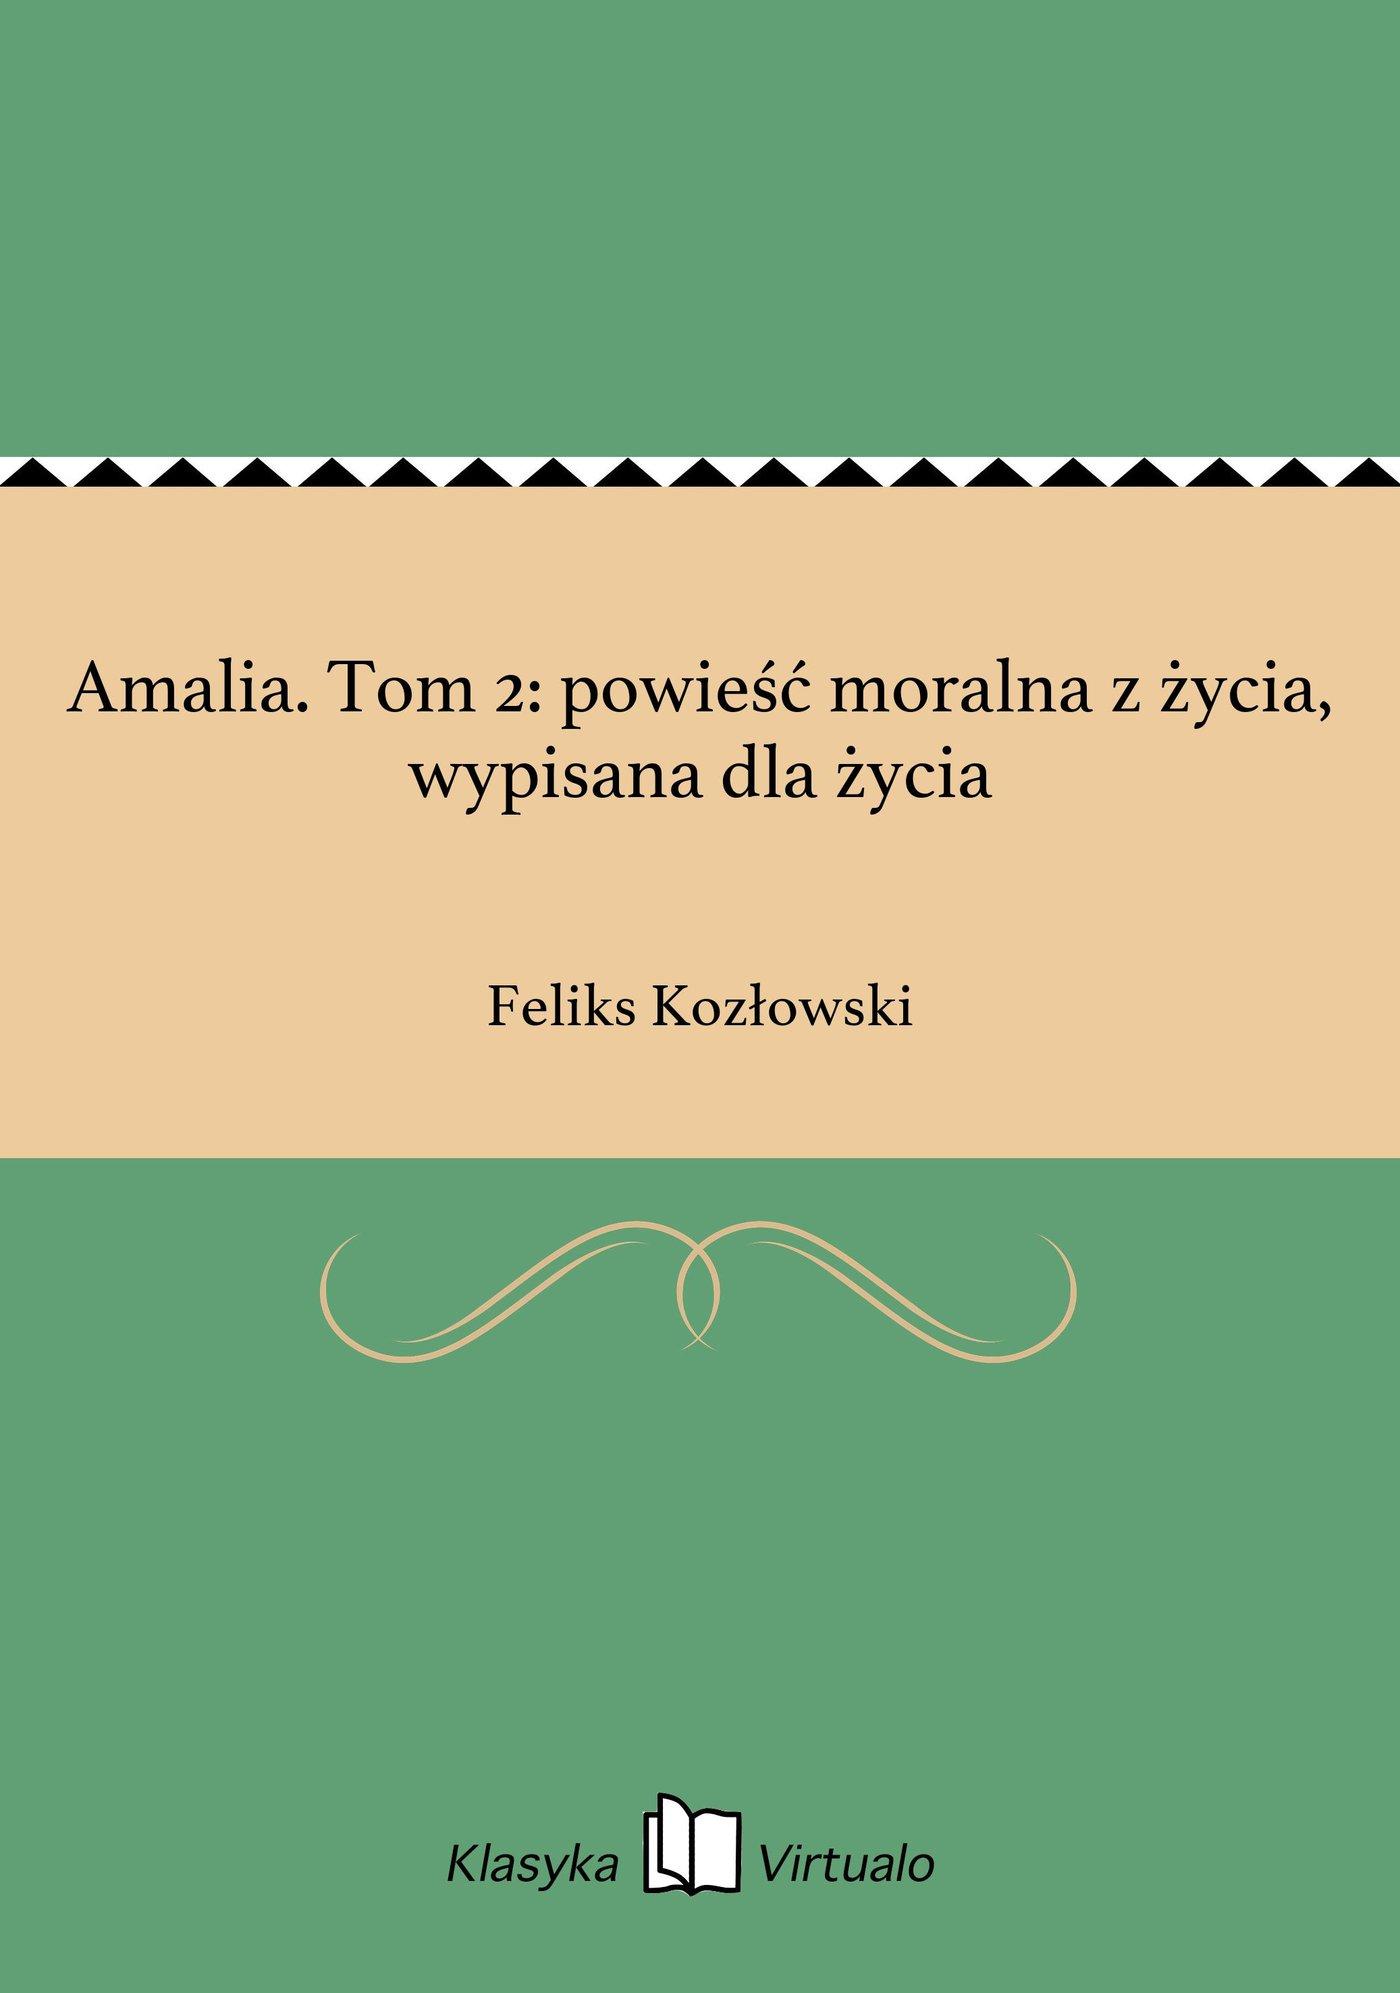 Amalia. Tom 2: powieść moralna z życia, wypisana dla życia - Ebook (Książka EPUB) do pobrania w formacie EPUB